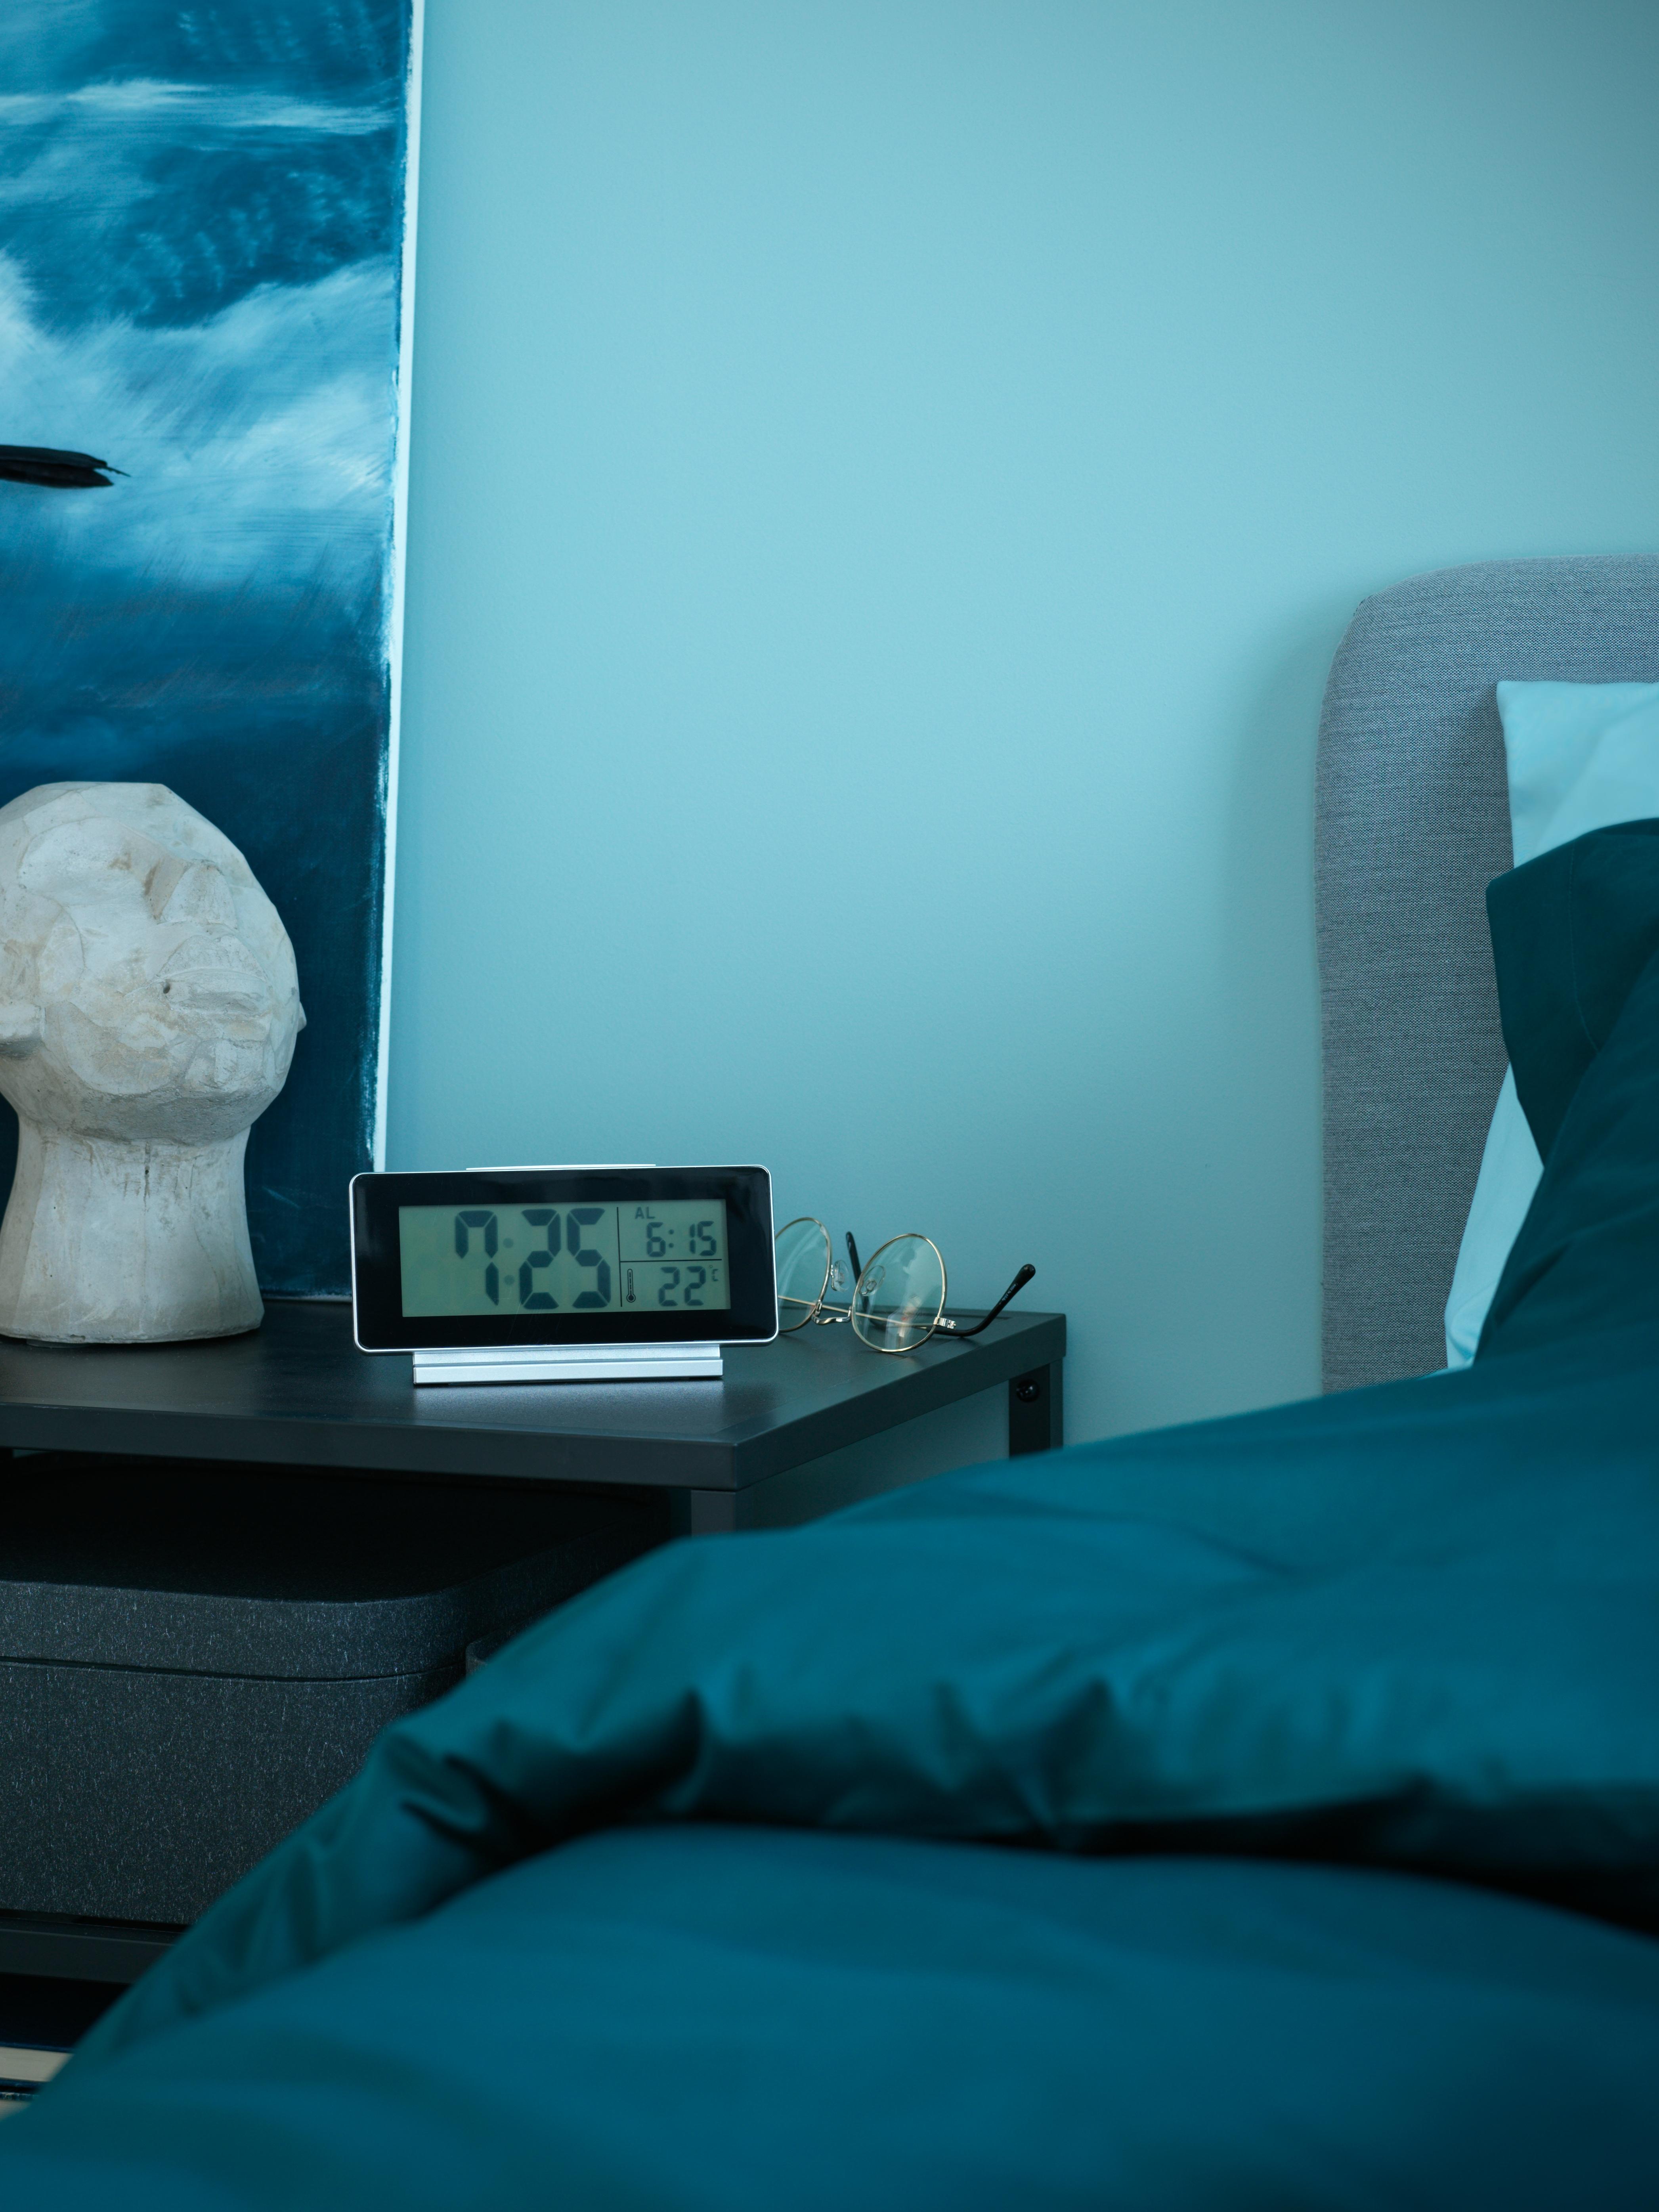 FILMIS sat/termometar/alarm crne boje na noćnom ormariću pored male kamene biste i ispred slike.